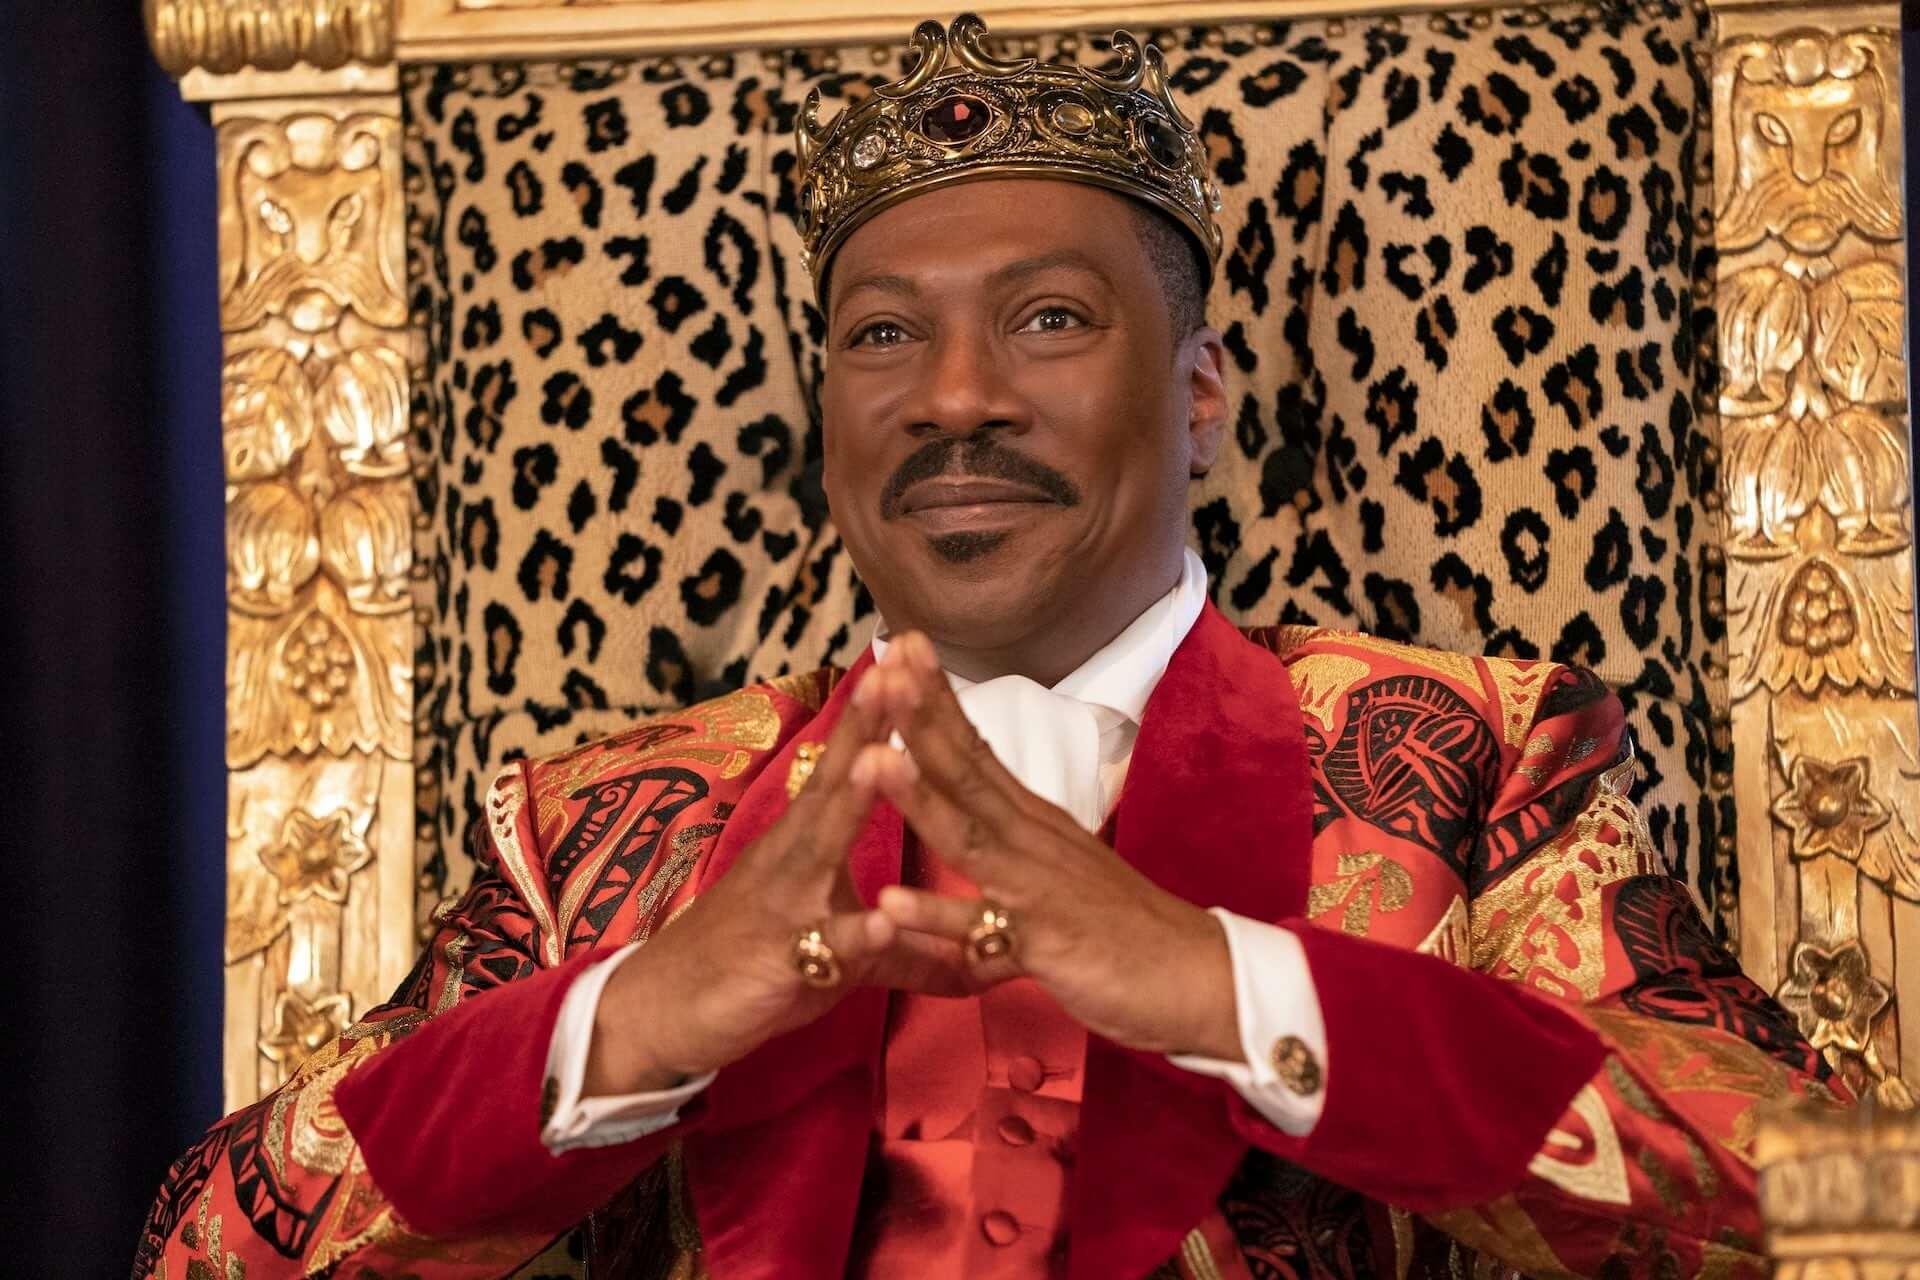 エディ・マーフィ演じる王子の冒険劇が再び!Amazonプライムビデオ『星の王子ニューヨークへ行く 2』予告編トレーラーが初公開&コメントも到着 film201223_coming2america2_4-1920x1280